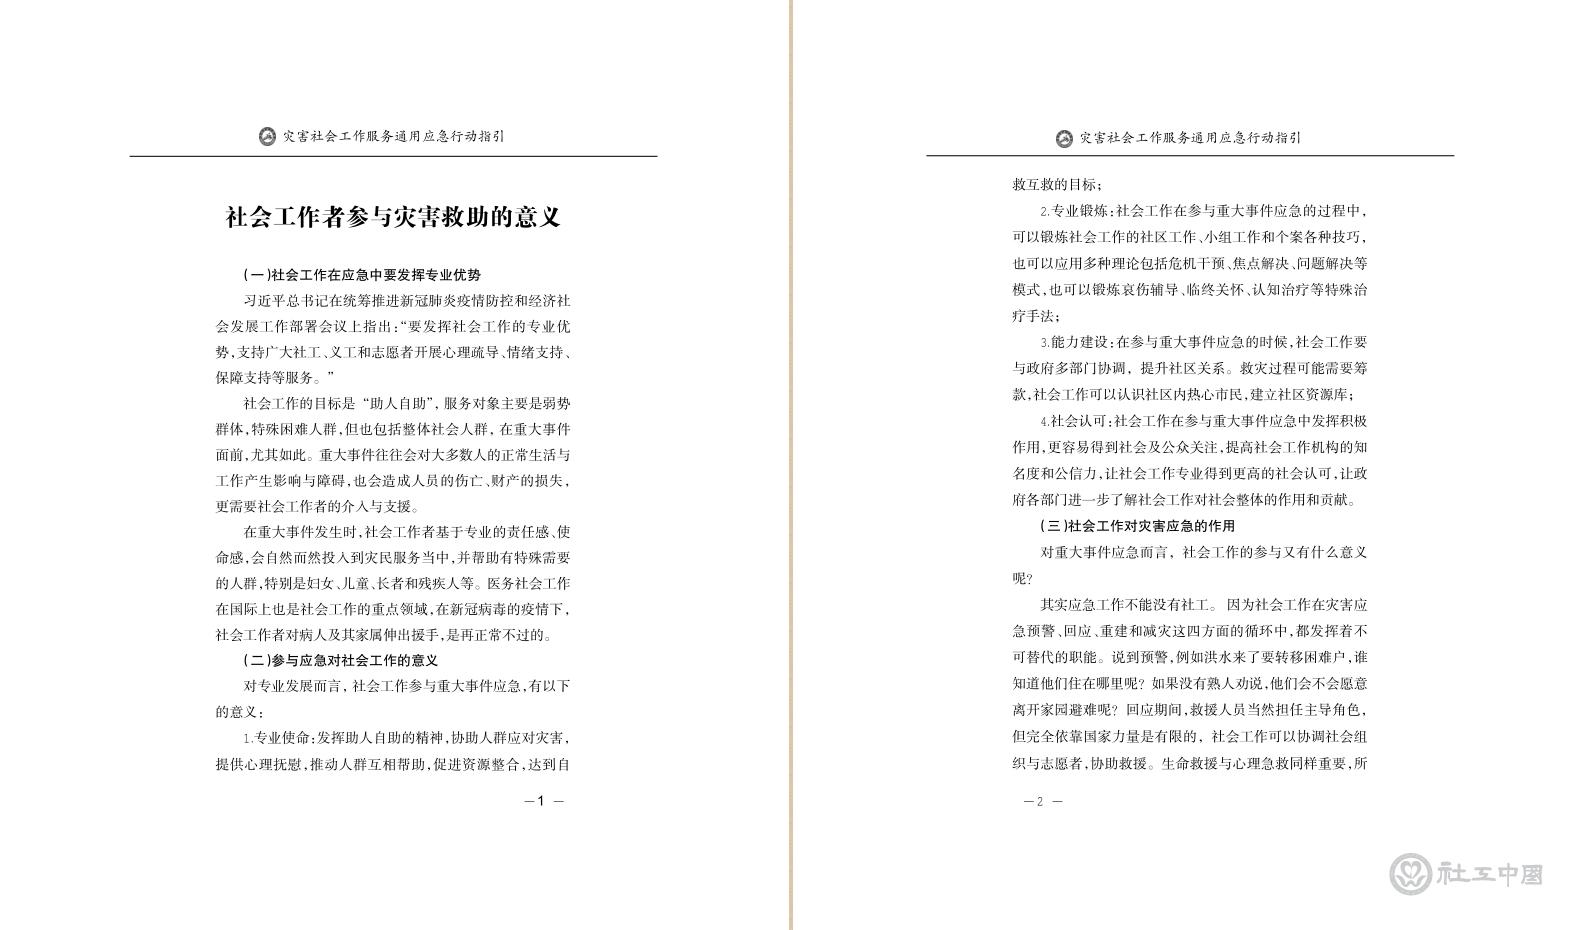 第1-2页